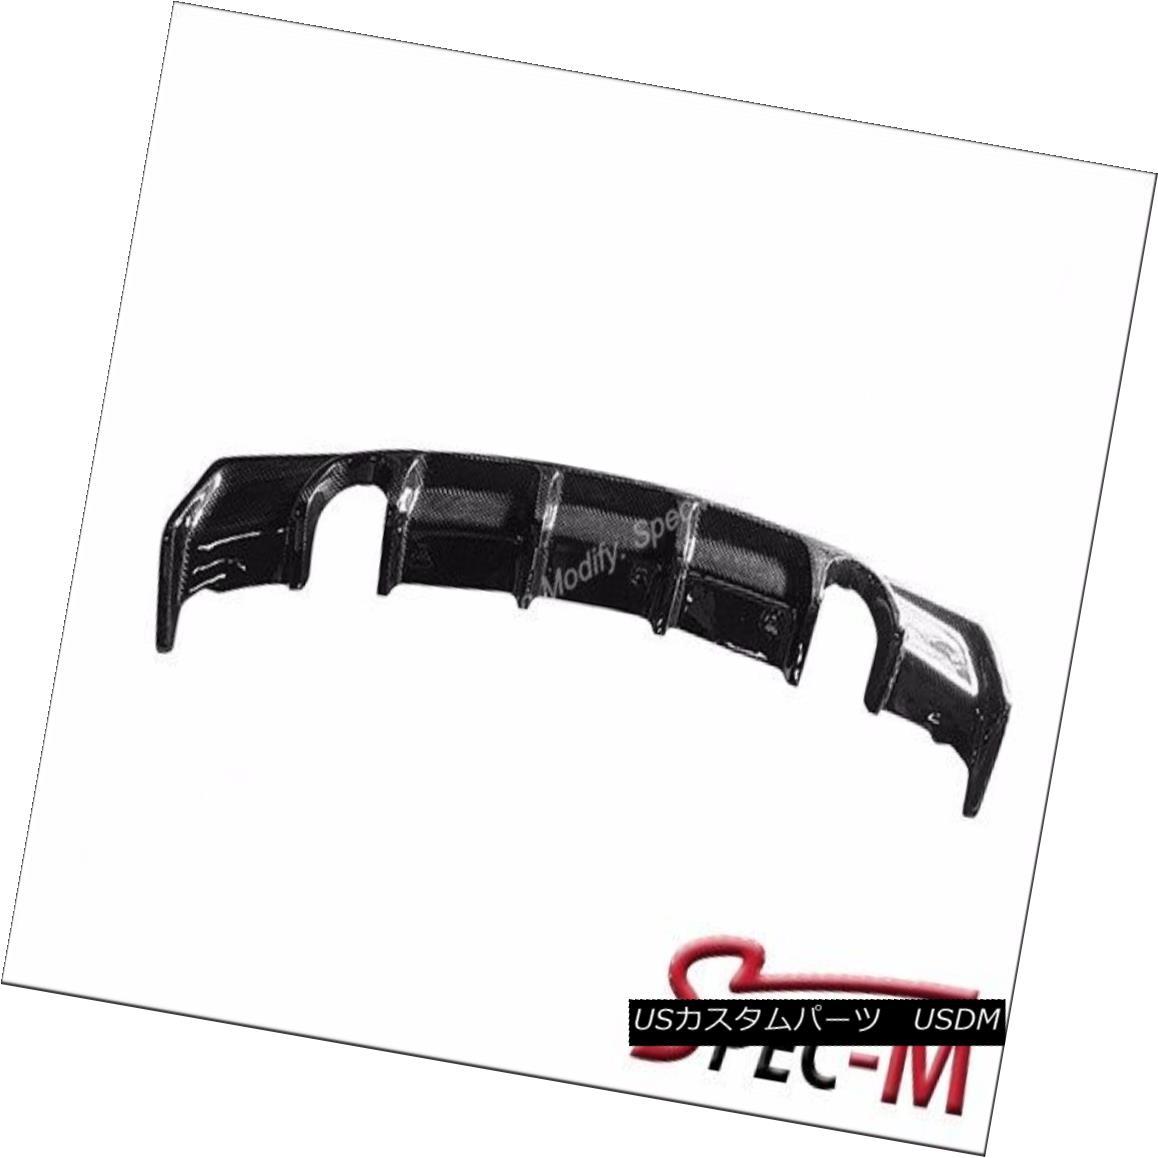 エアロパーツ For 12-15 F30 F31 335i M Sports AK Style Carbon Fiber Rear Lip Diffuser CF 12-15 F30 F31 335i MスポーツAKスタイルカーボンファイバーリアーリップディフューザーCF